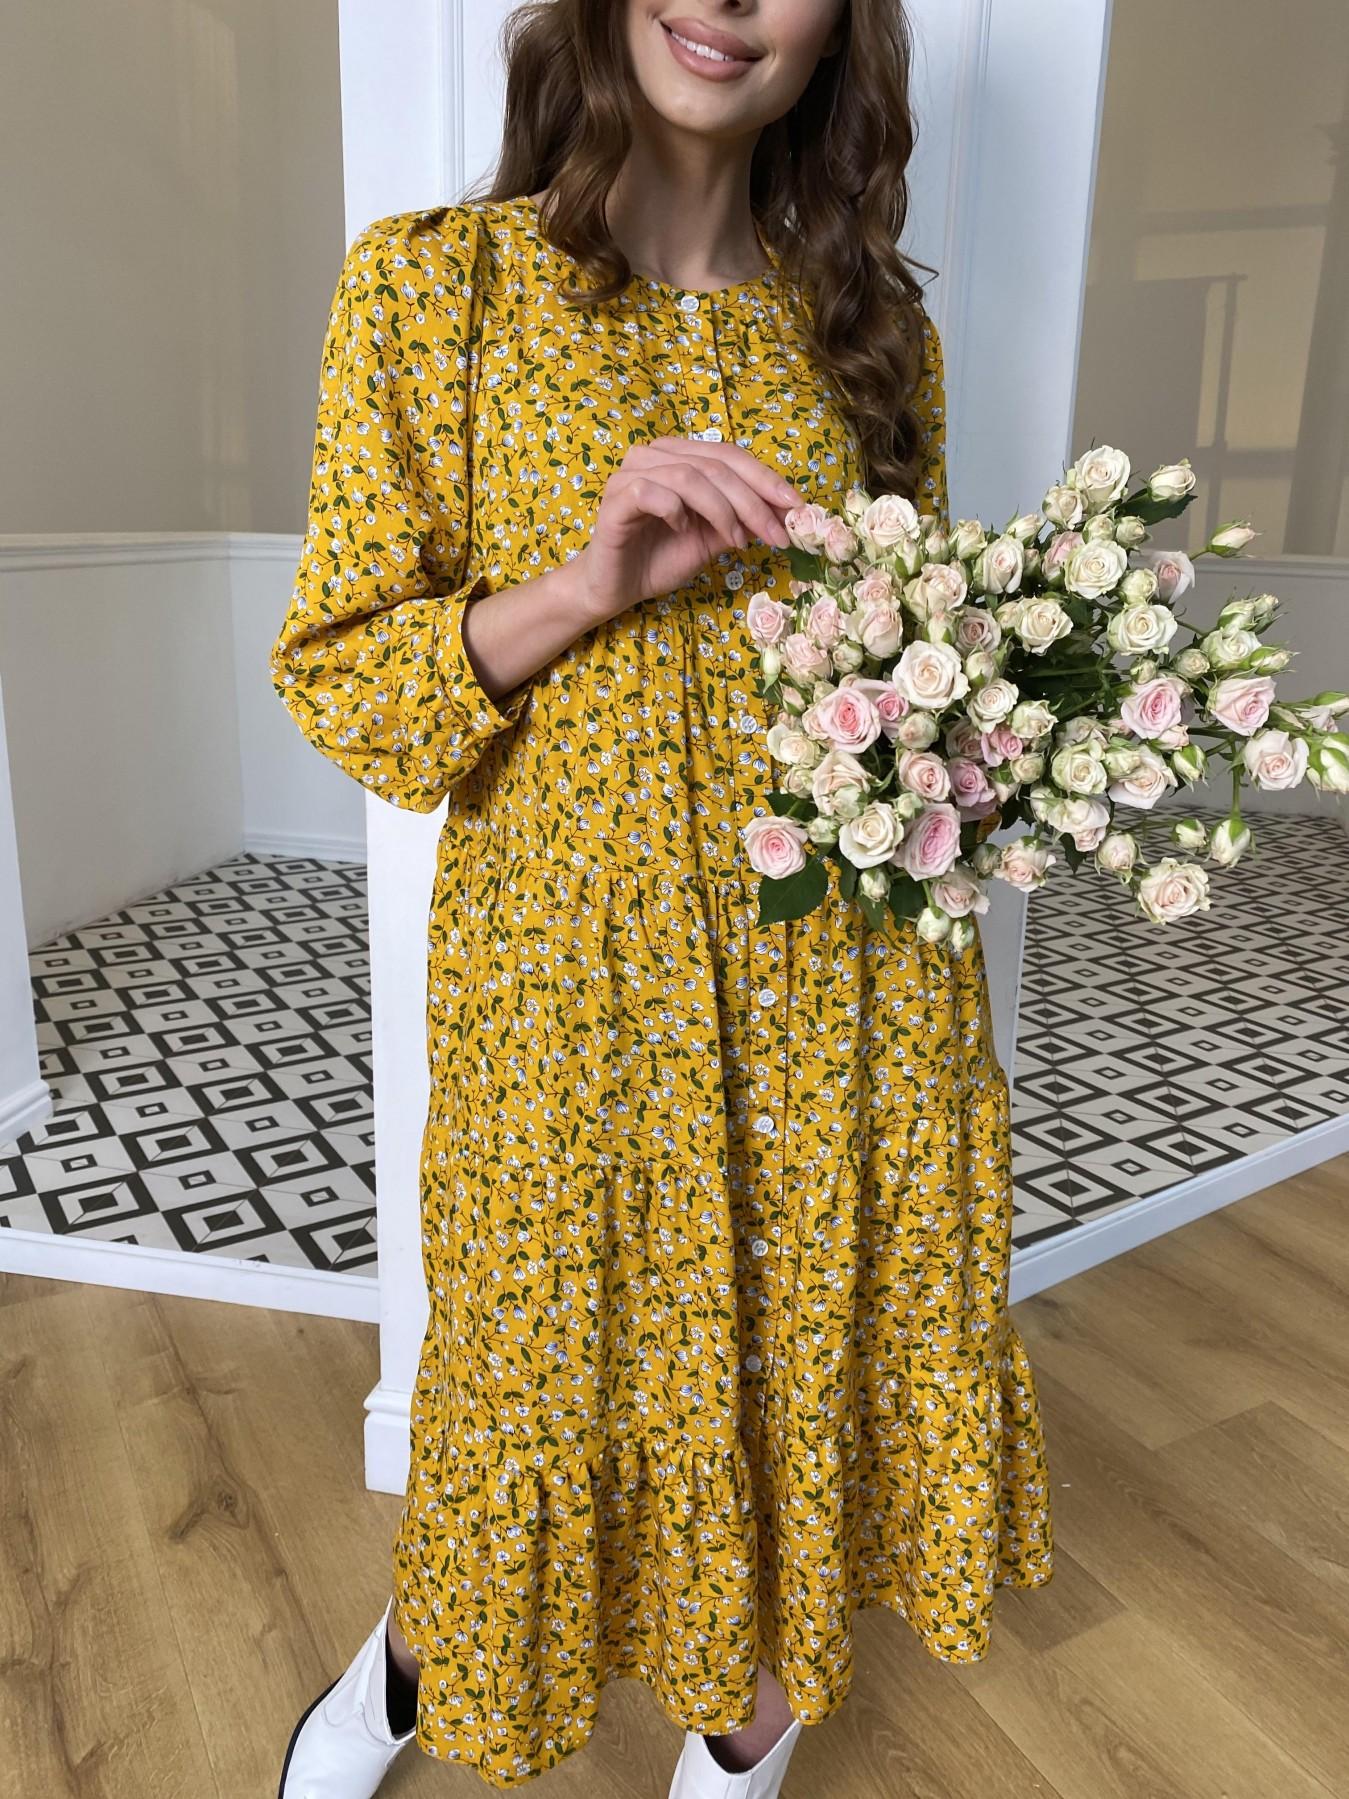 Берри миди штапель принт платье 10875 АРТ. 47344 Цвет: Цветы мел горч/бел/гол - фото 3, интернет магазин tm-modus.ru